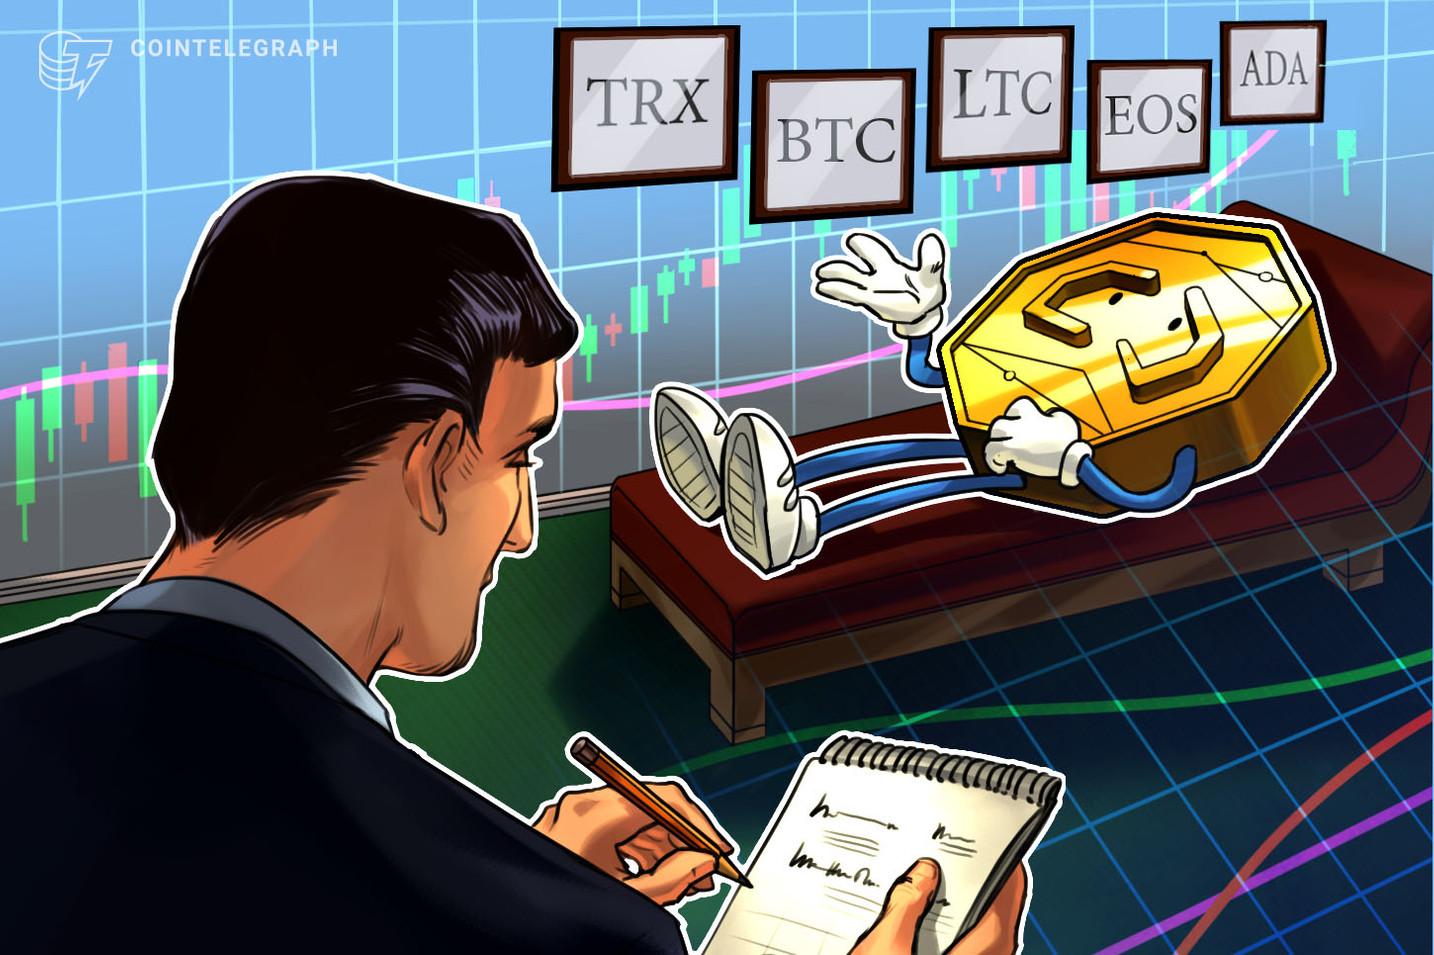 Revisión de 5 principales criptomonedas: TRON, Bitcoin, Litecoin, EOS, Cardano